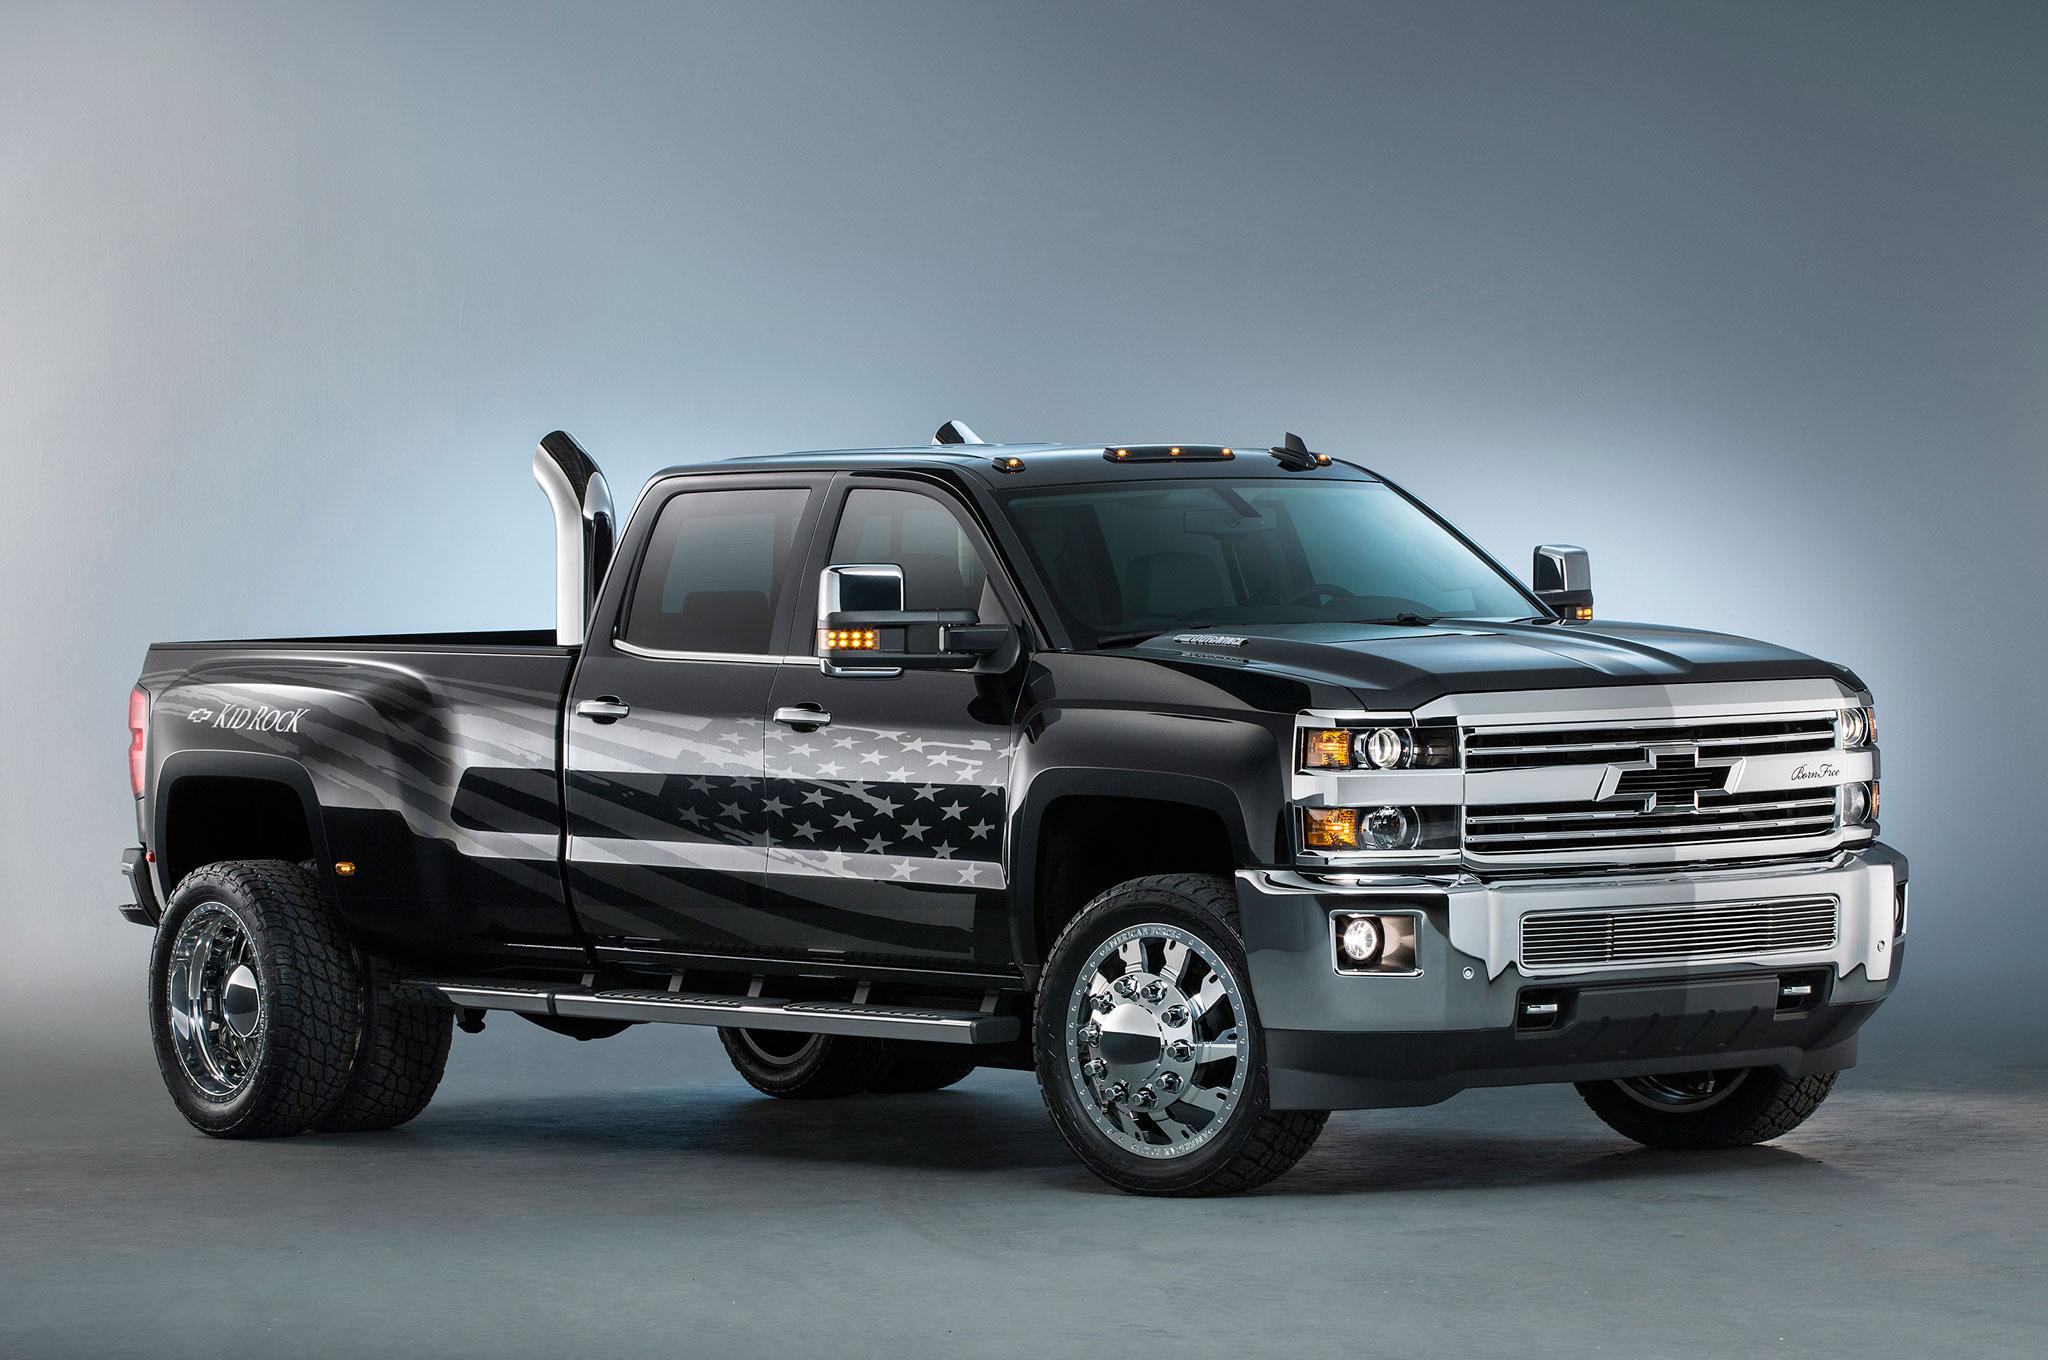 Chevrolet Silverado Kid Rock Special Ops Concepts Unveiled at SEMA